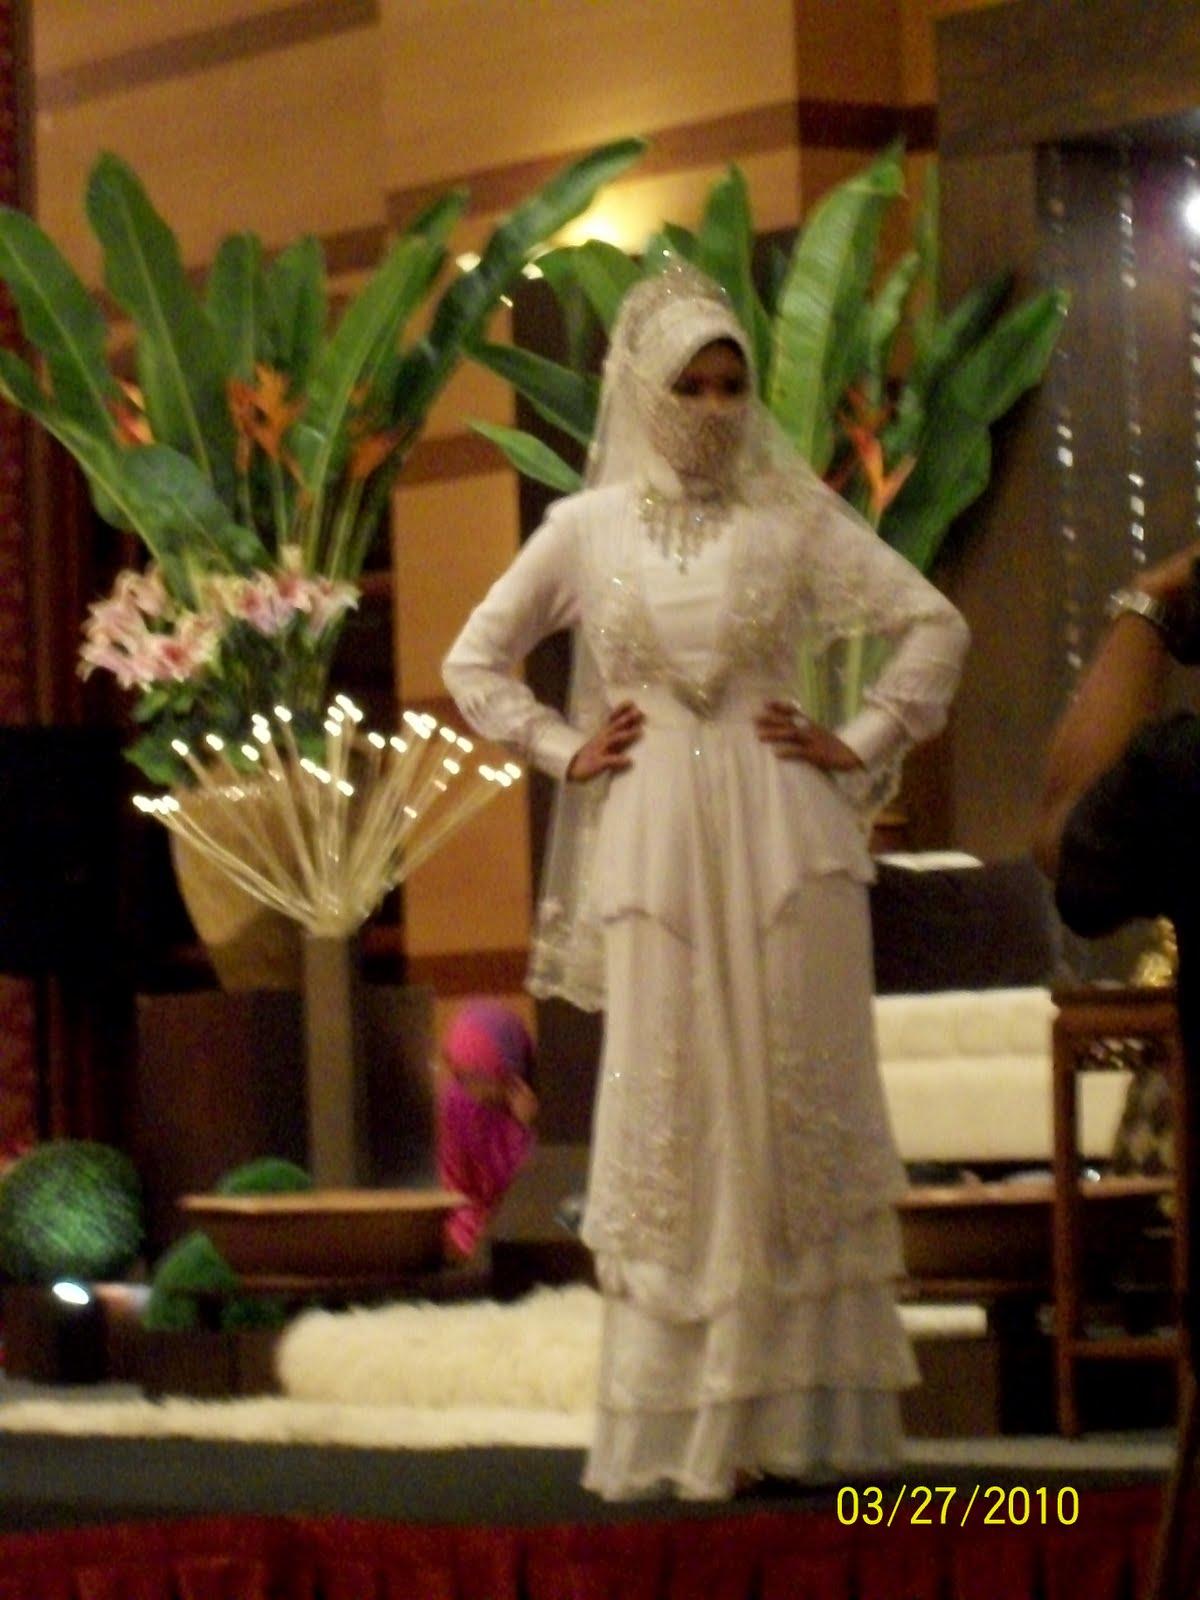 gambar di bawah model sedang memperagakan baju pengantin muslimah